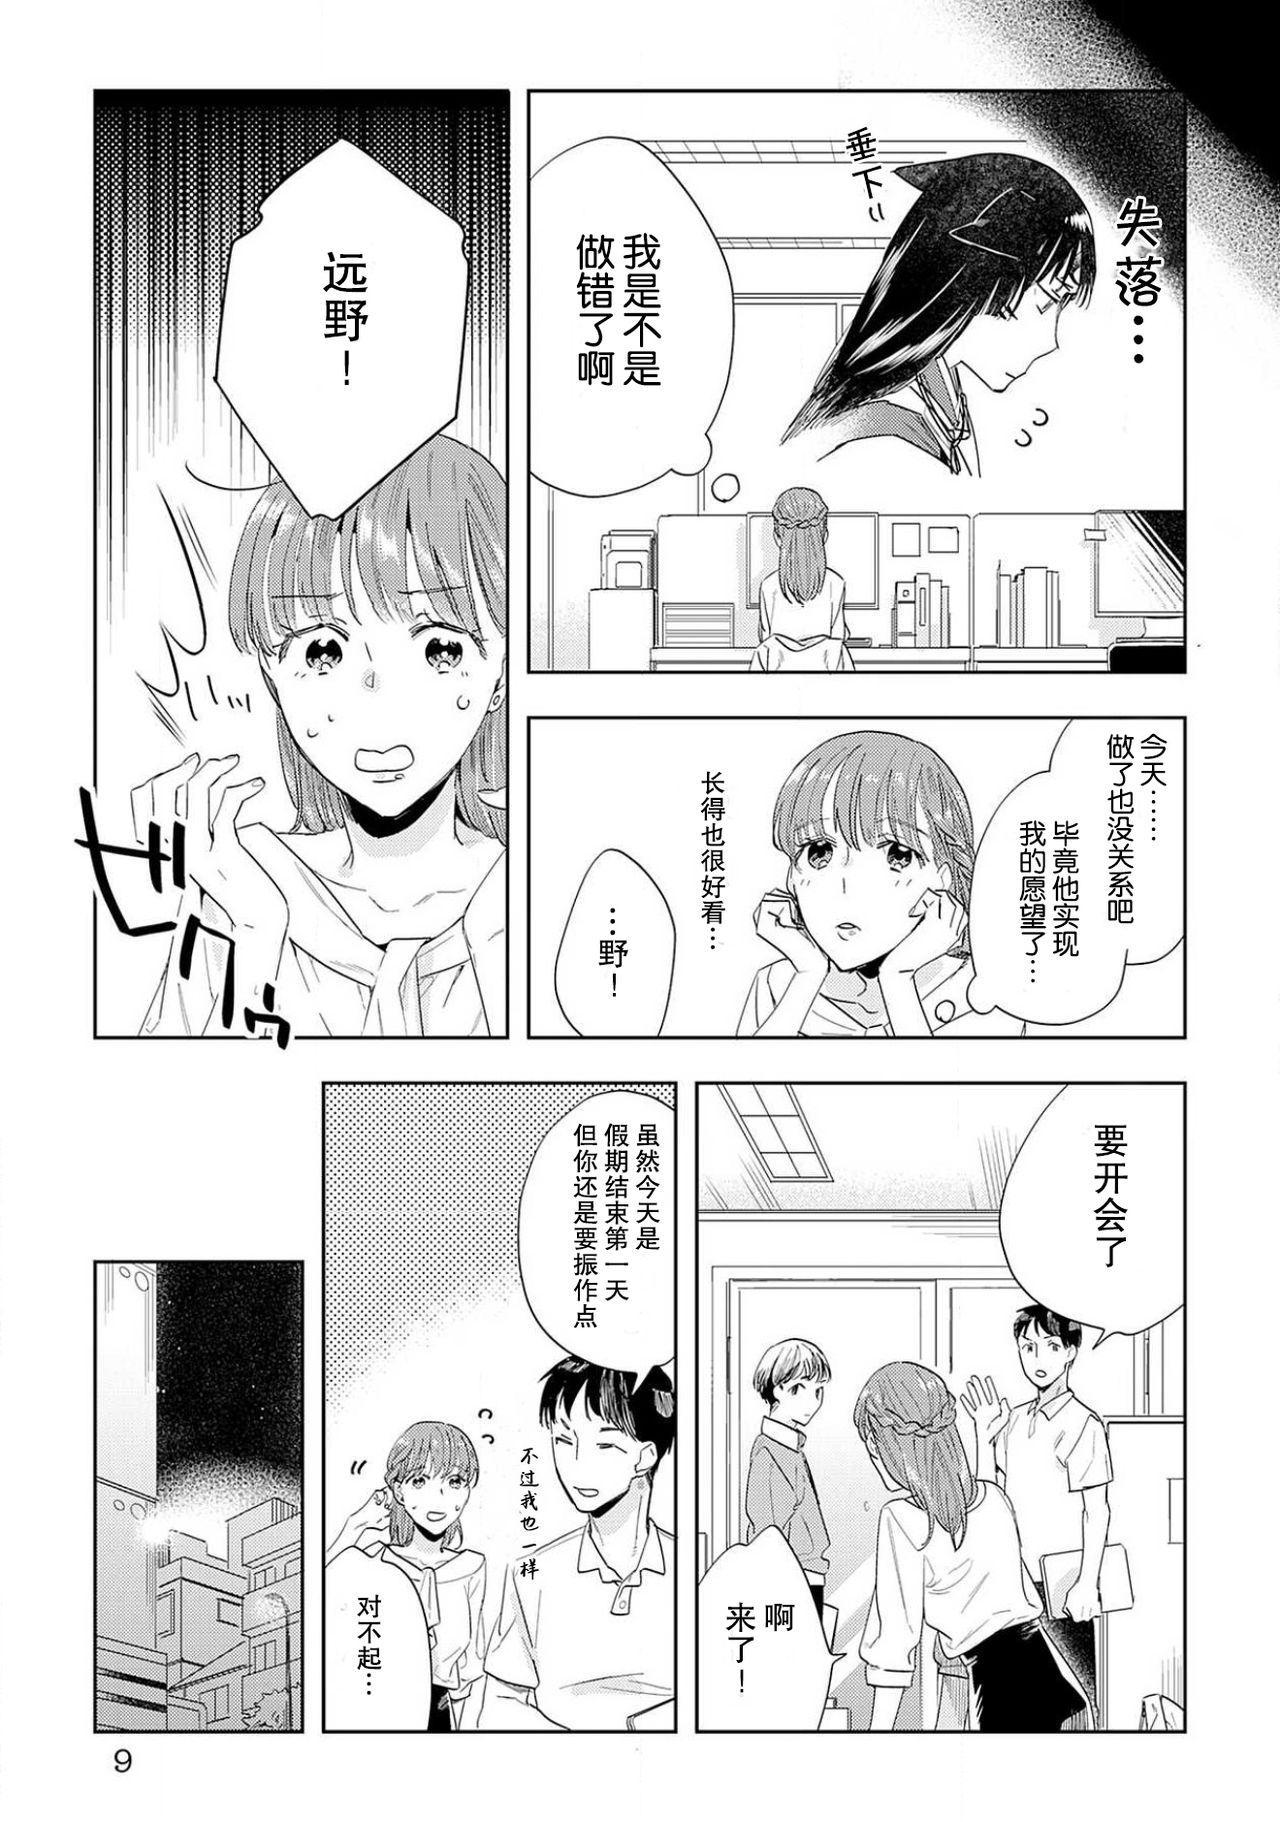 [Hachikawa Kyuu] Kami-sama to Ikenie H Keiyaku Shichaimashita | 我与神明大人签订了祭品H契约 1-3 [Chinese] [莉赛特汉化组] 34